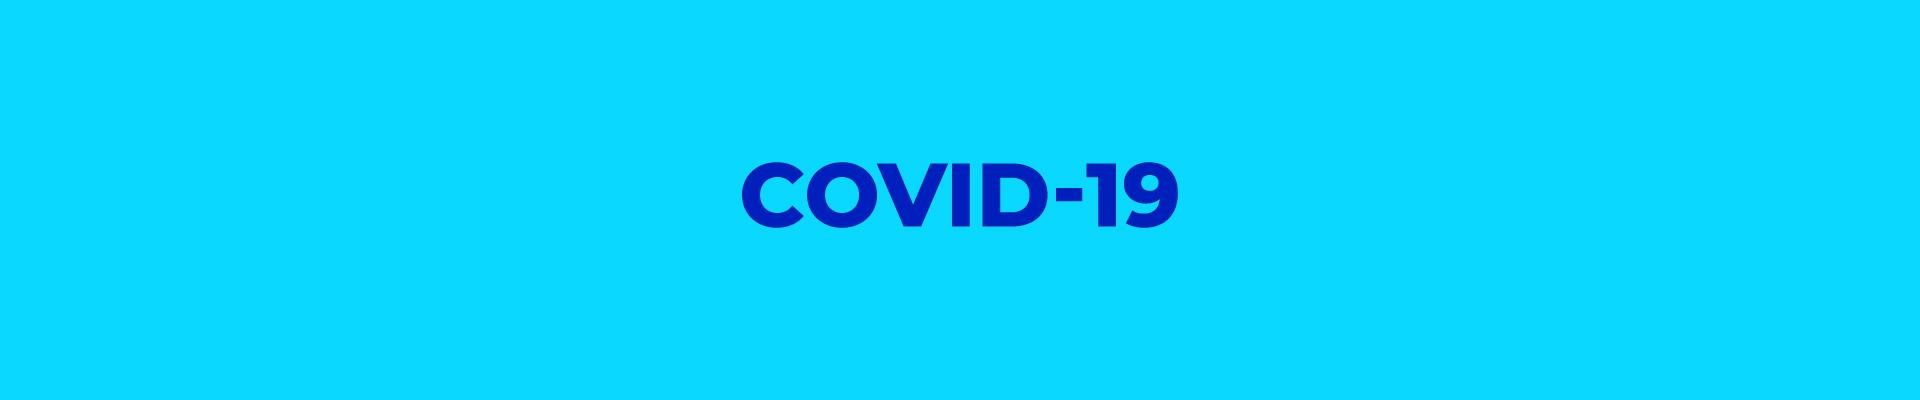 [covid-19] våra åtgärder på plats för att skydda våra arbetare